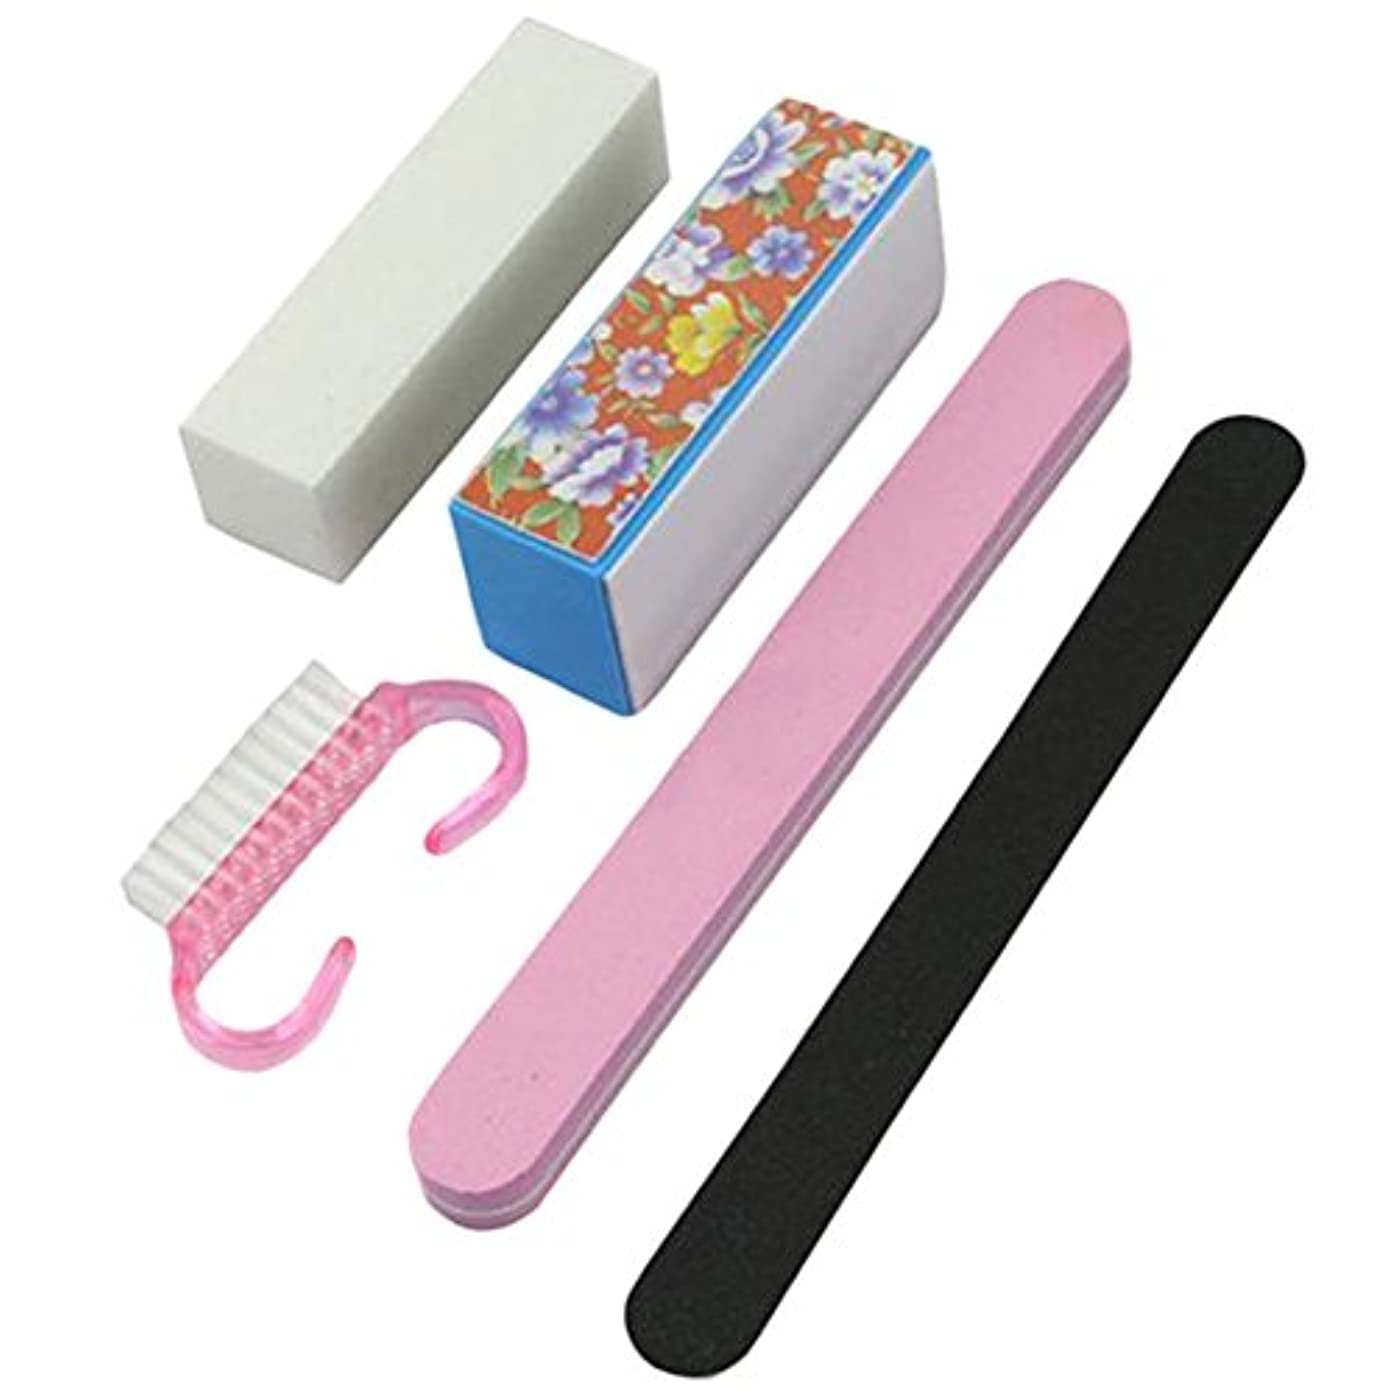 行列学部役員YideaHome ネイルファイル 爪やすり 爪磨き ネイルケア 5点セット ジェルネイル用ファイル